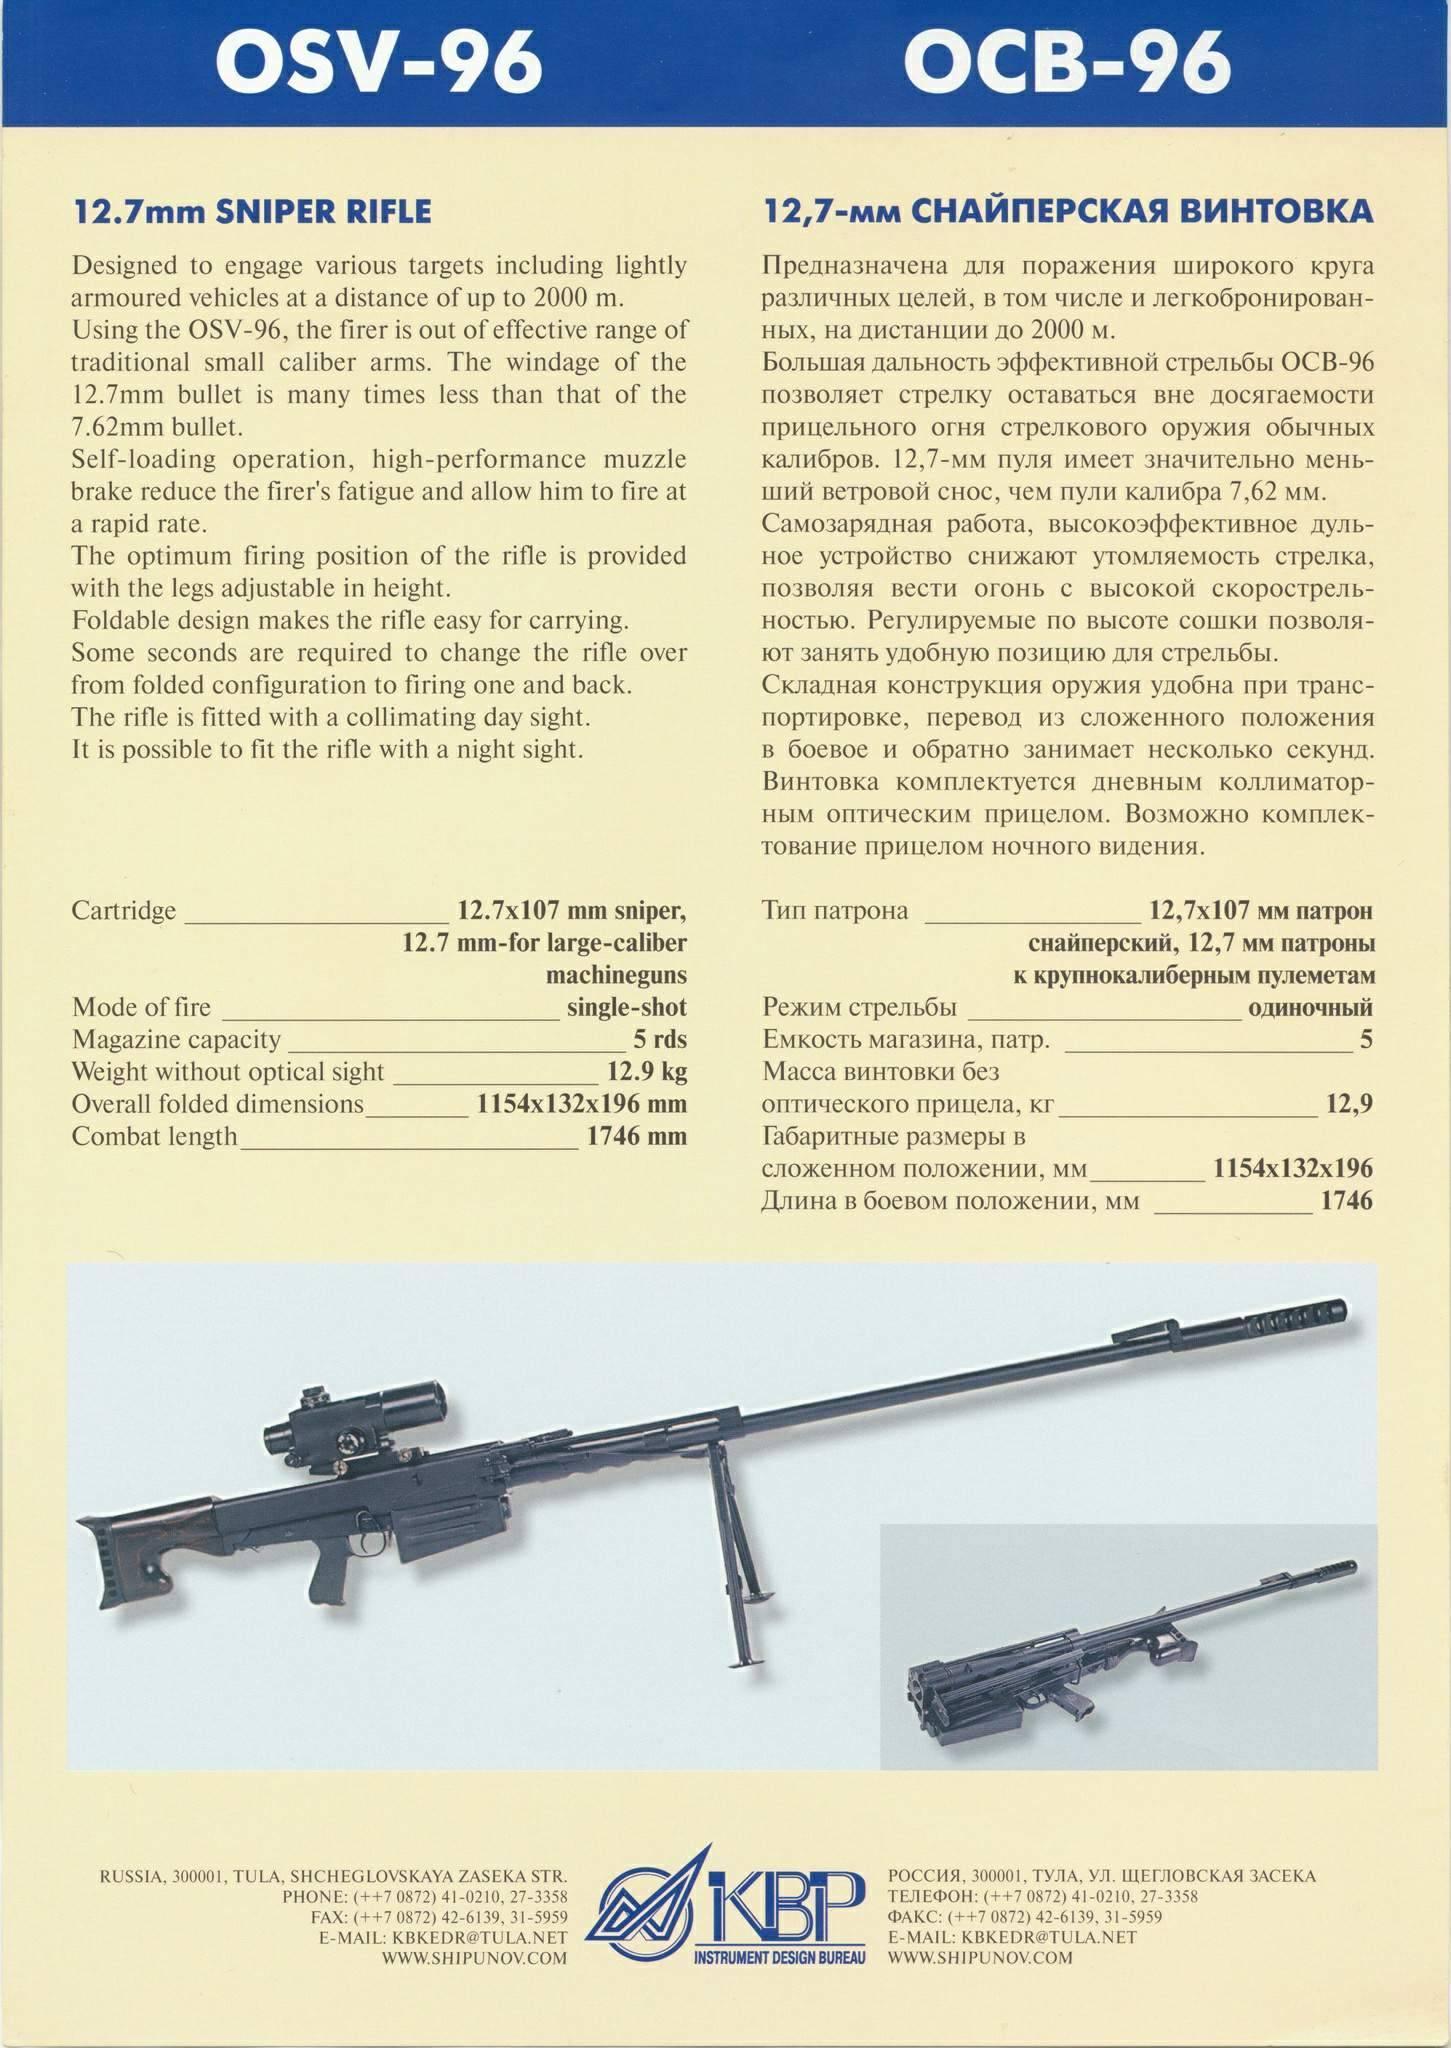 Осв-96 «взломщик» википедия